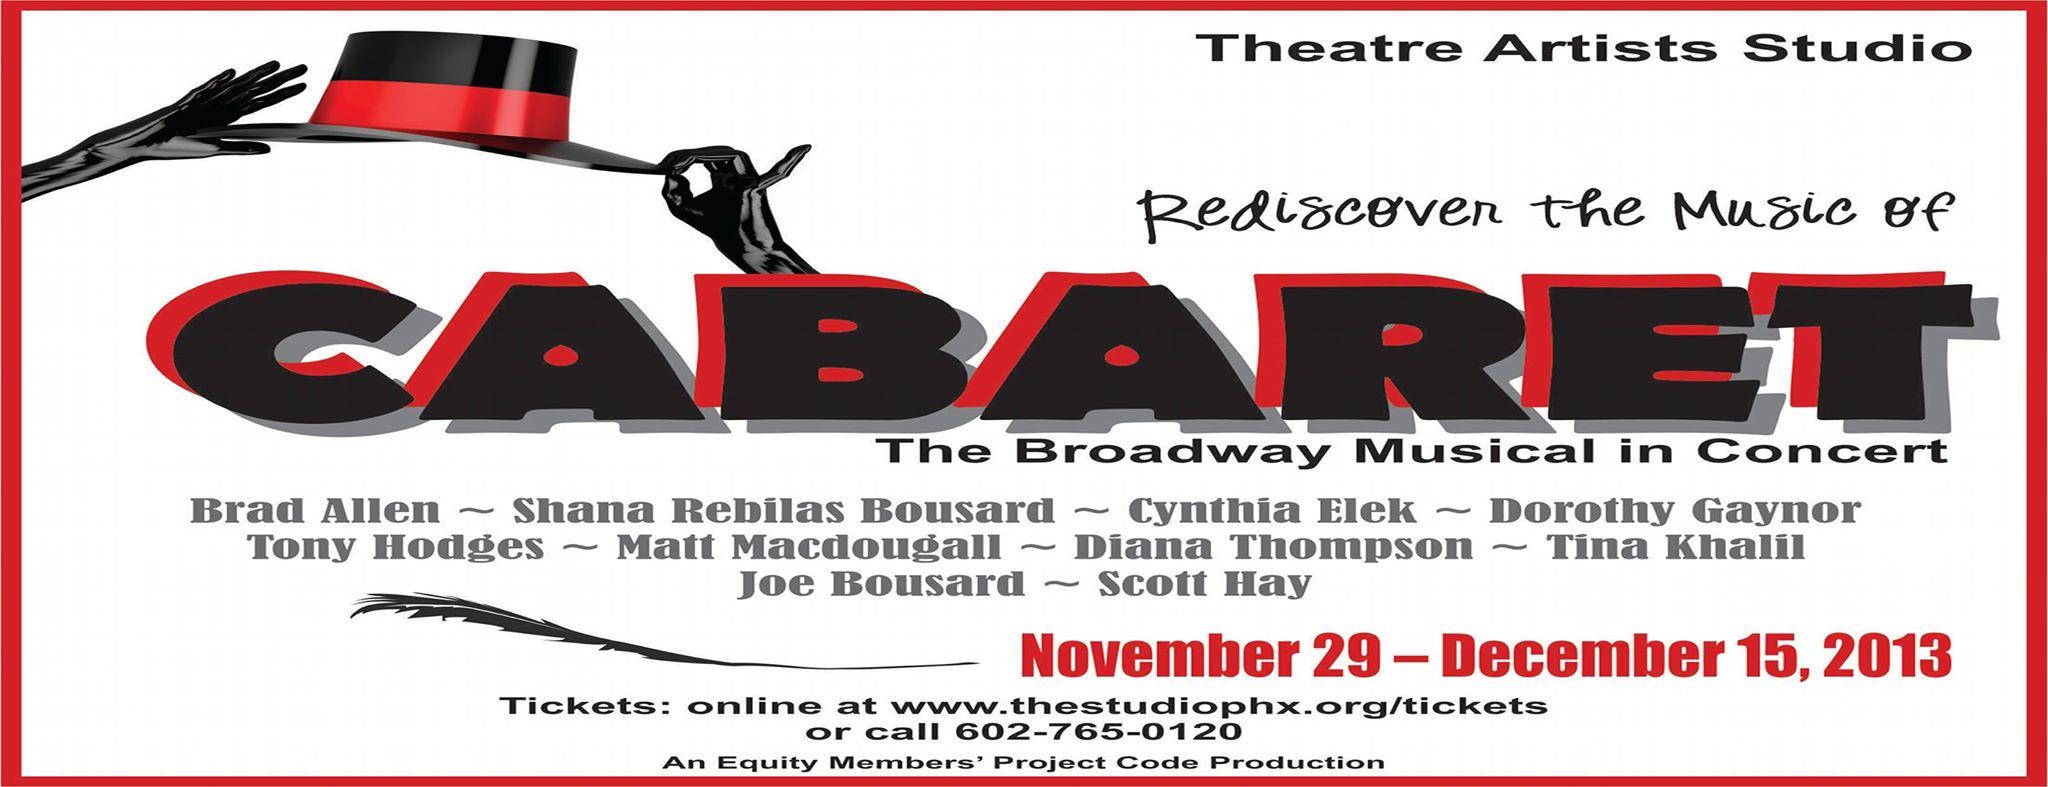 theatre artists studio 2013 cabaret 0000